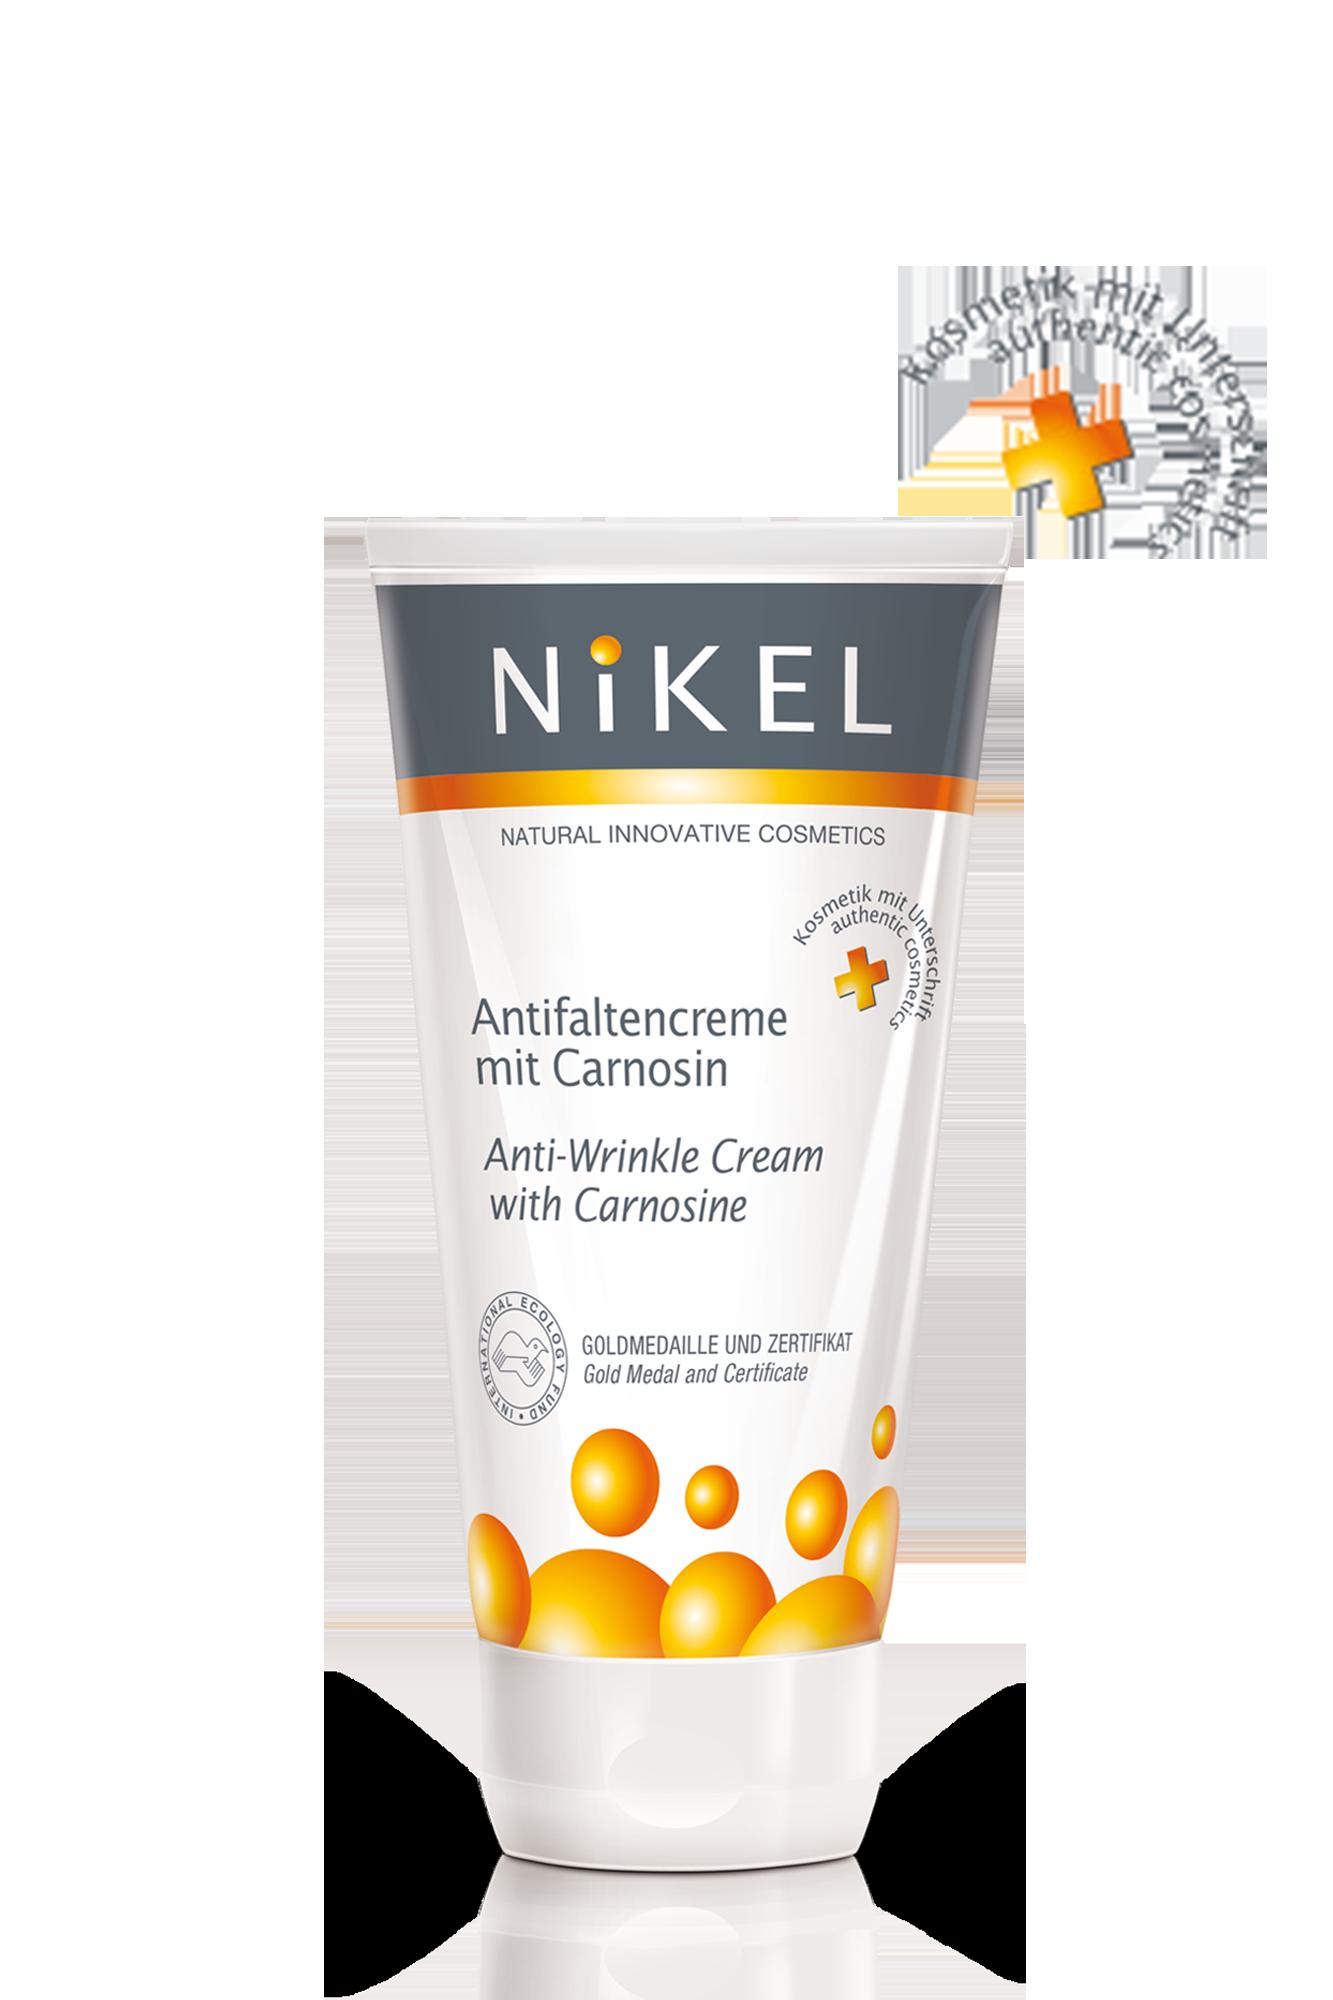 Antifaltencreme mit Carnosin - Nikel